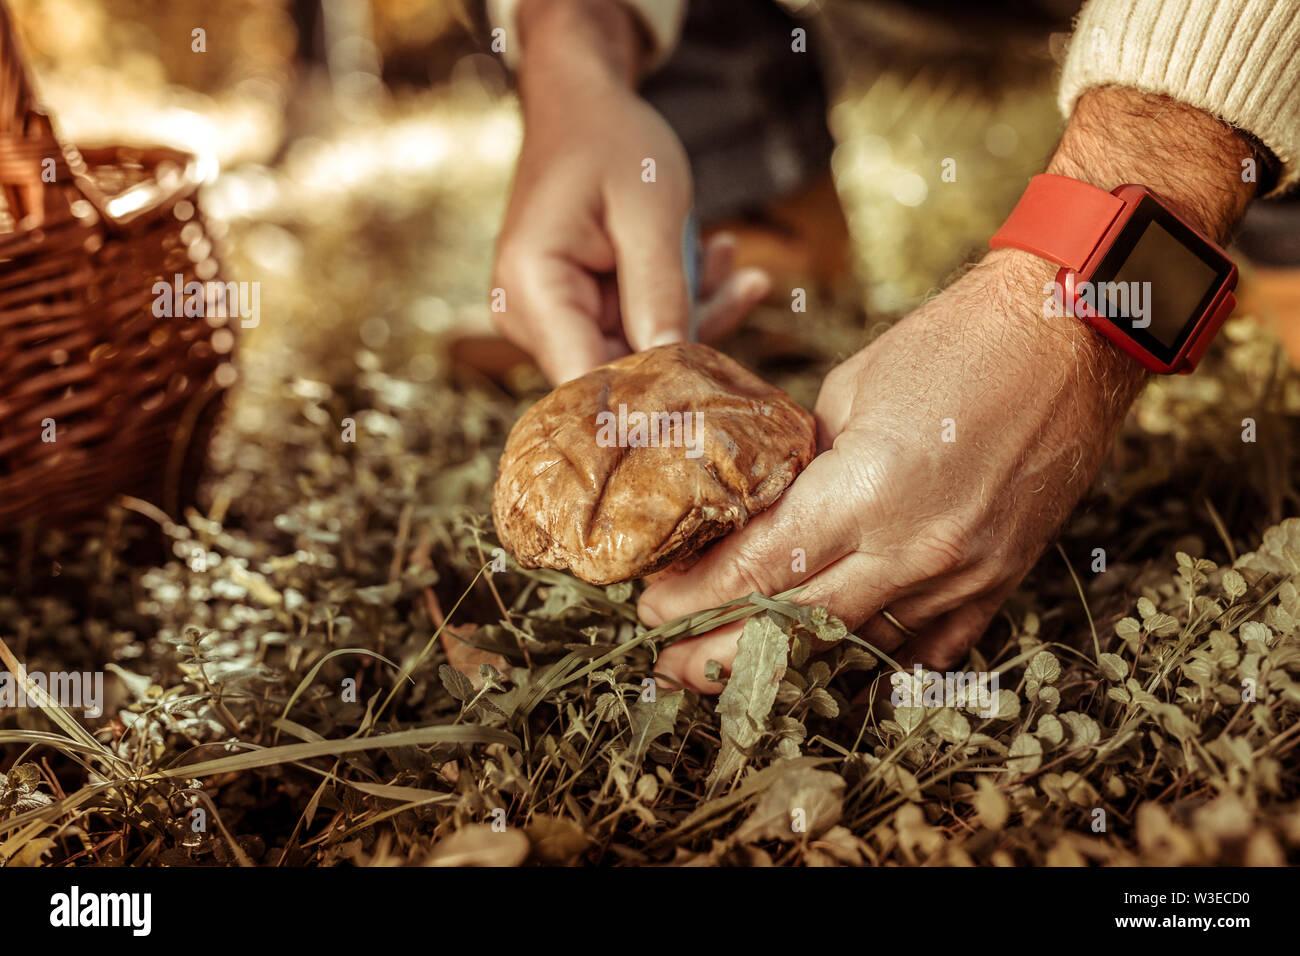 Mains d'un homme d'une grande coupe champignon. Photo Stock